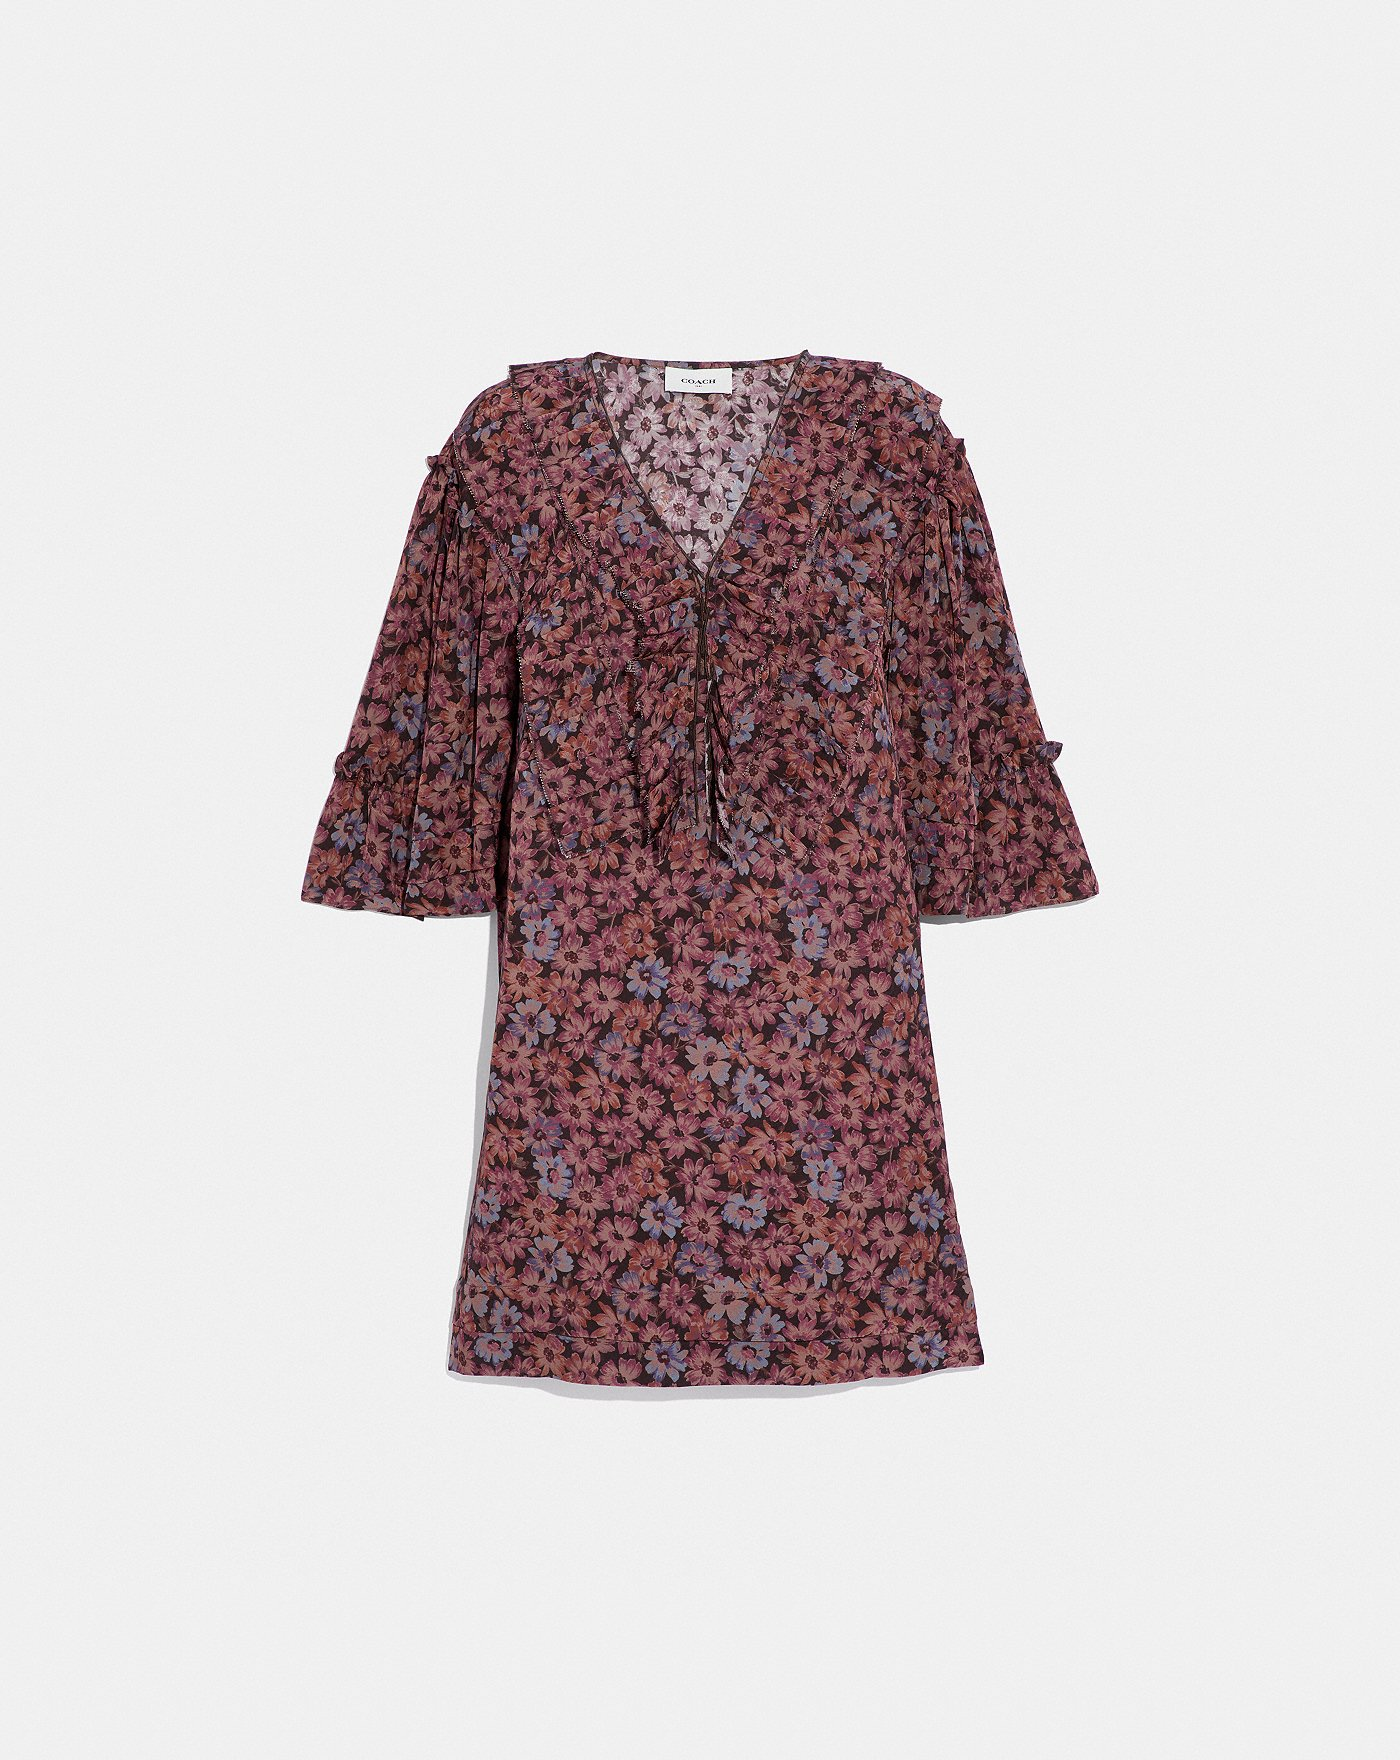 c0b81c778a52 Short Glam Rock Prairie Dress With Ruffles   COACH